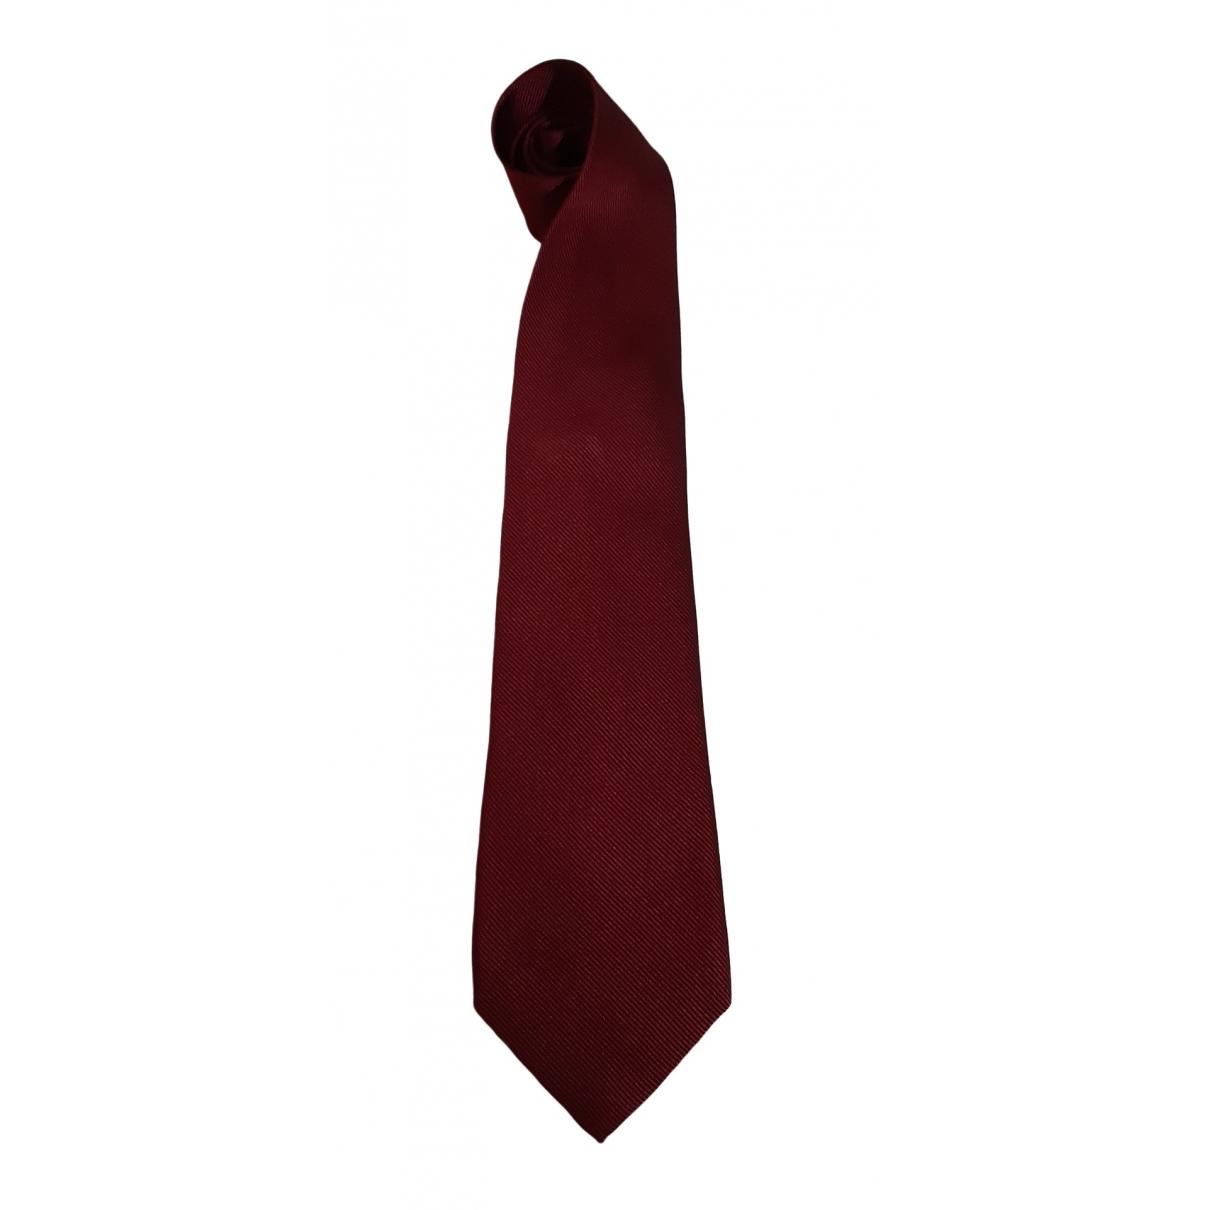 Bvlgari - Cravates   pour homme en soie - bordeaux